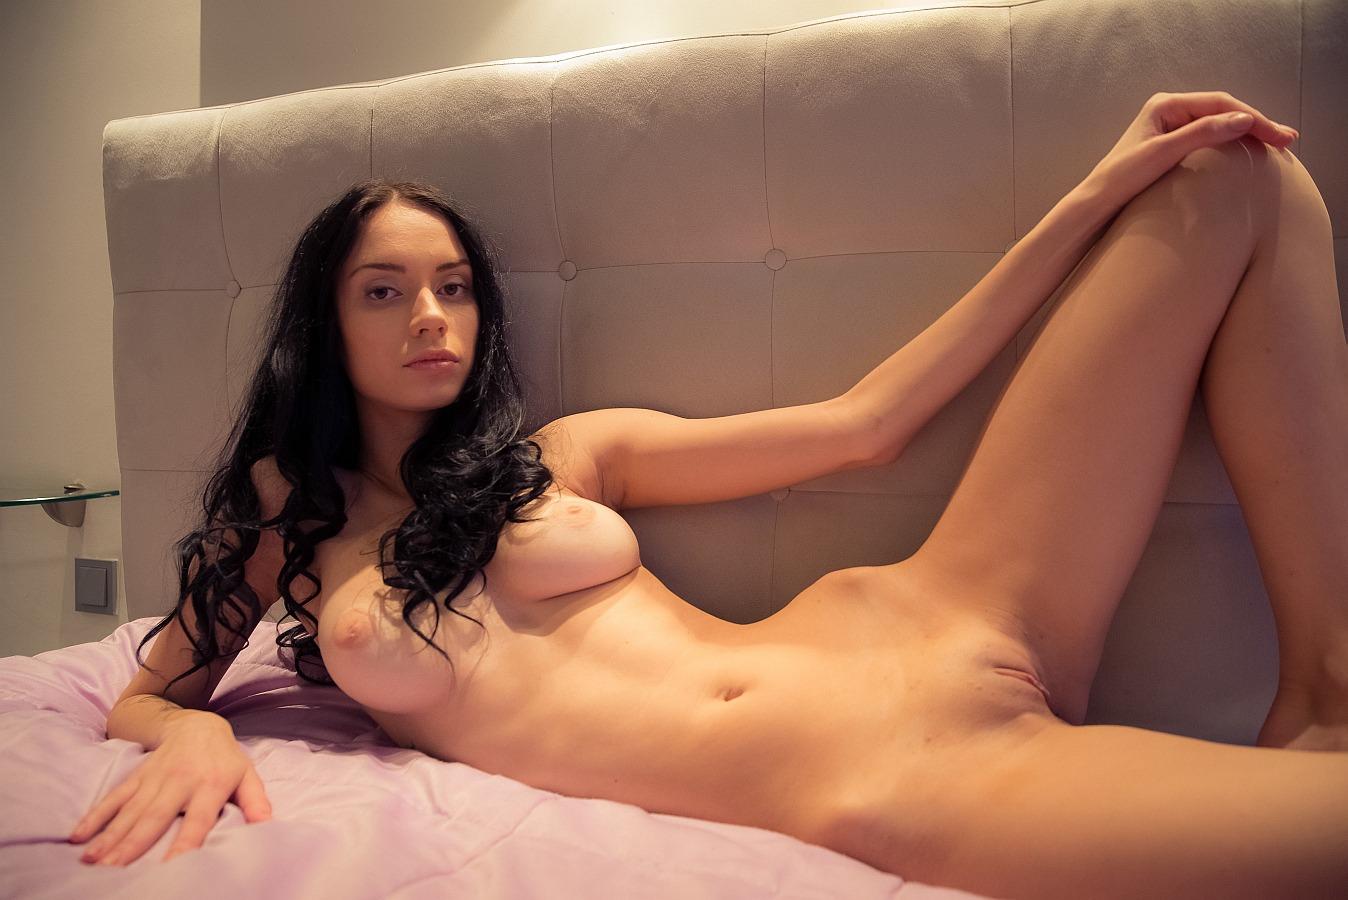 skinny brunette amateur gets fucked for hot cum porn image gallery scene